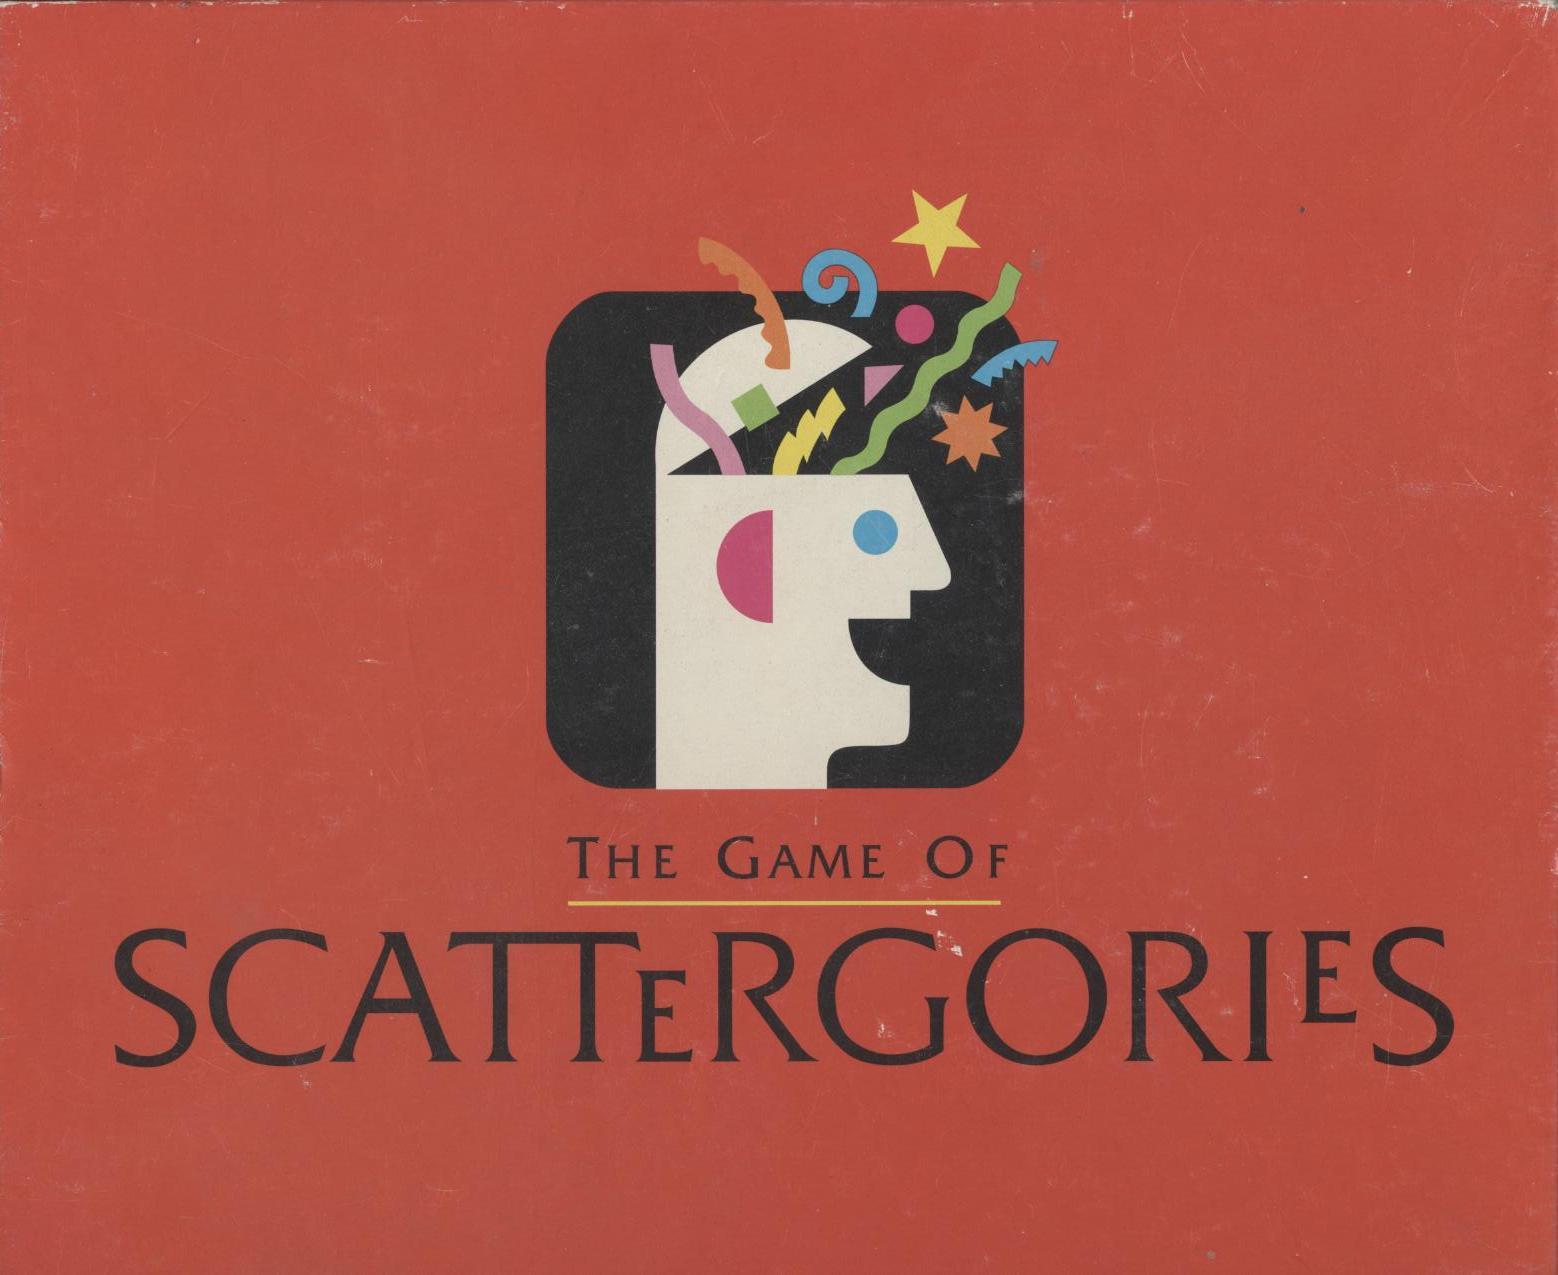 ScattergoriesBox.jpg (1558×1275)